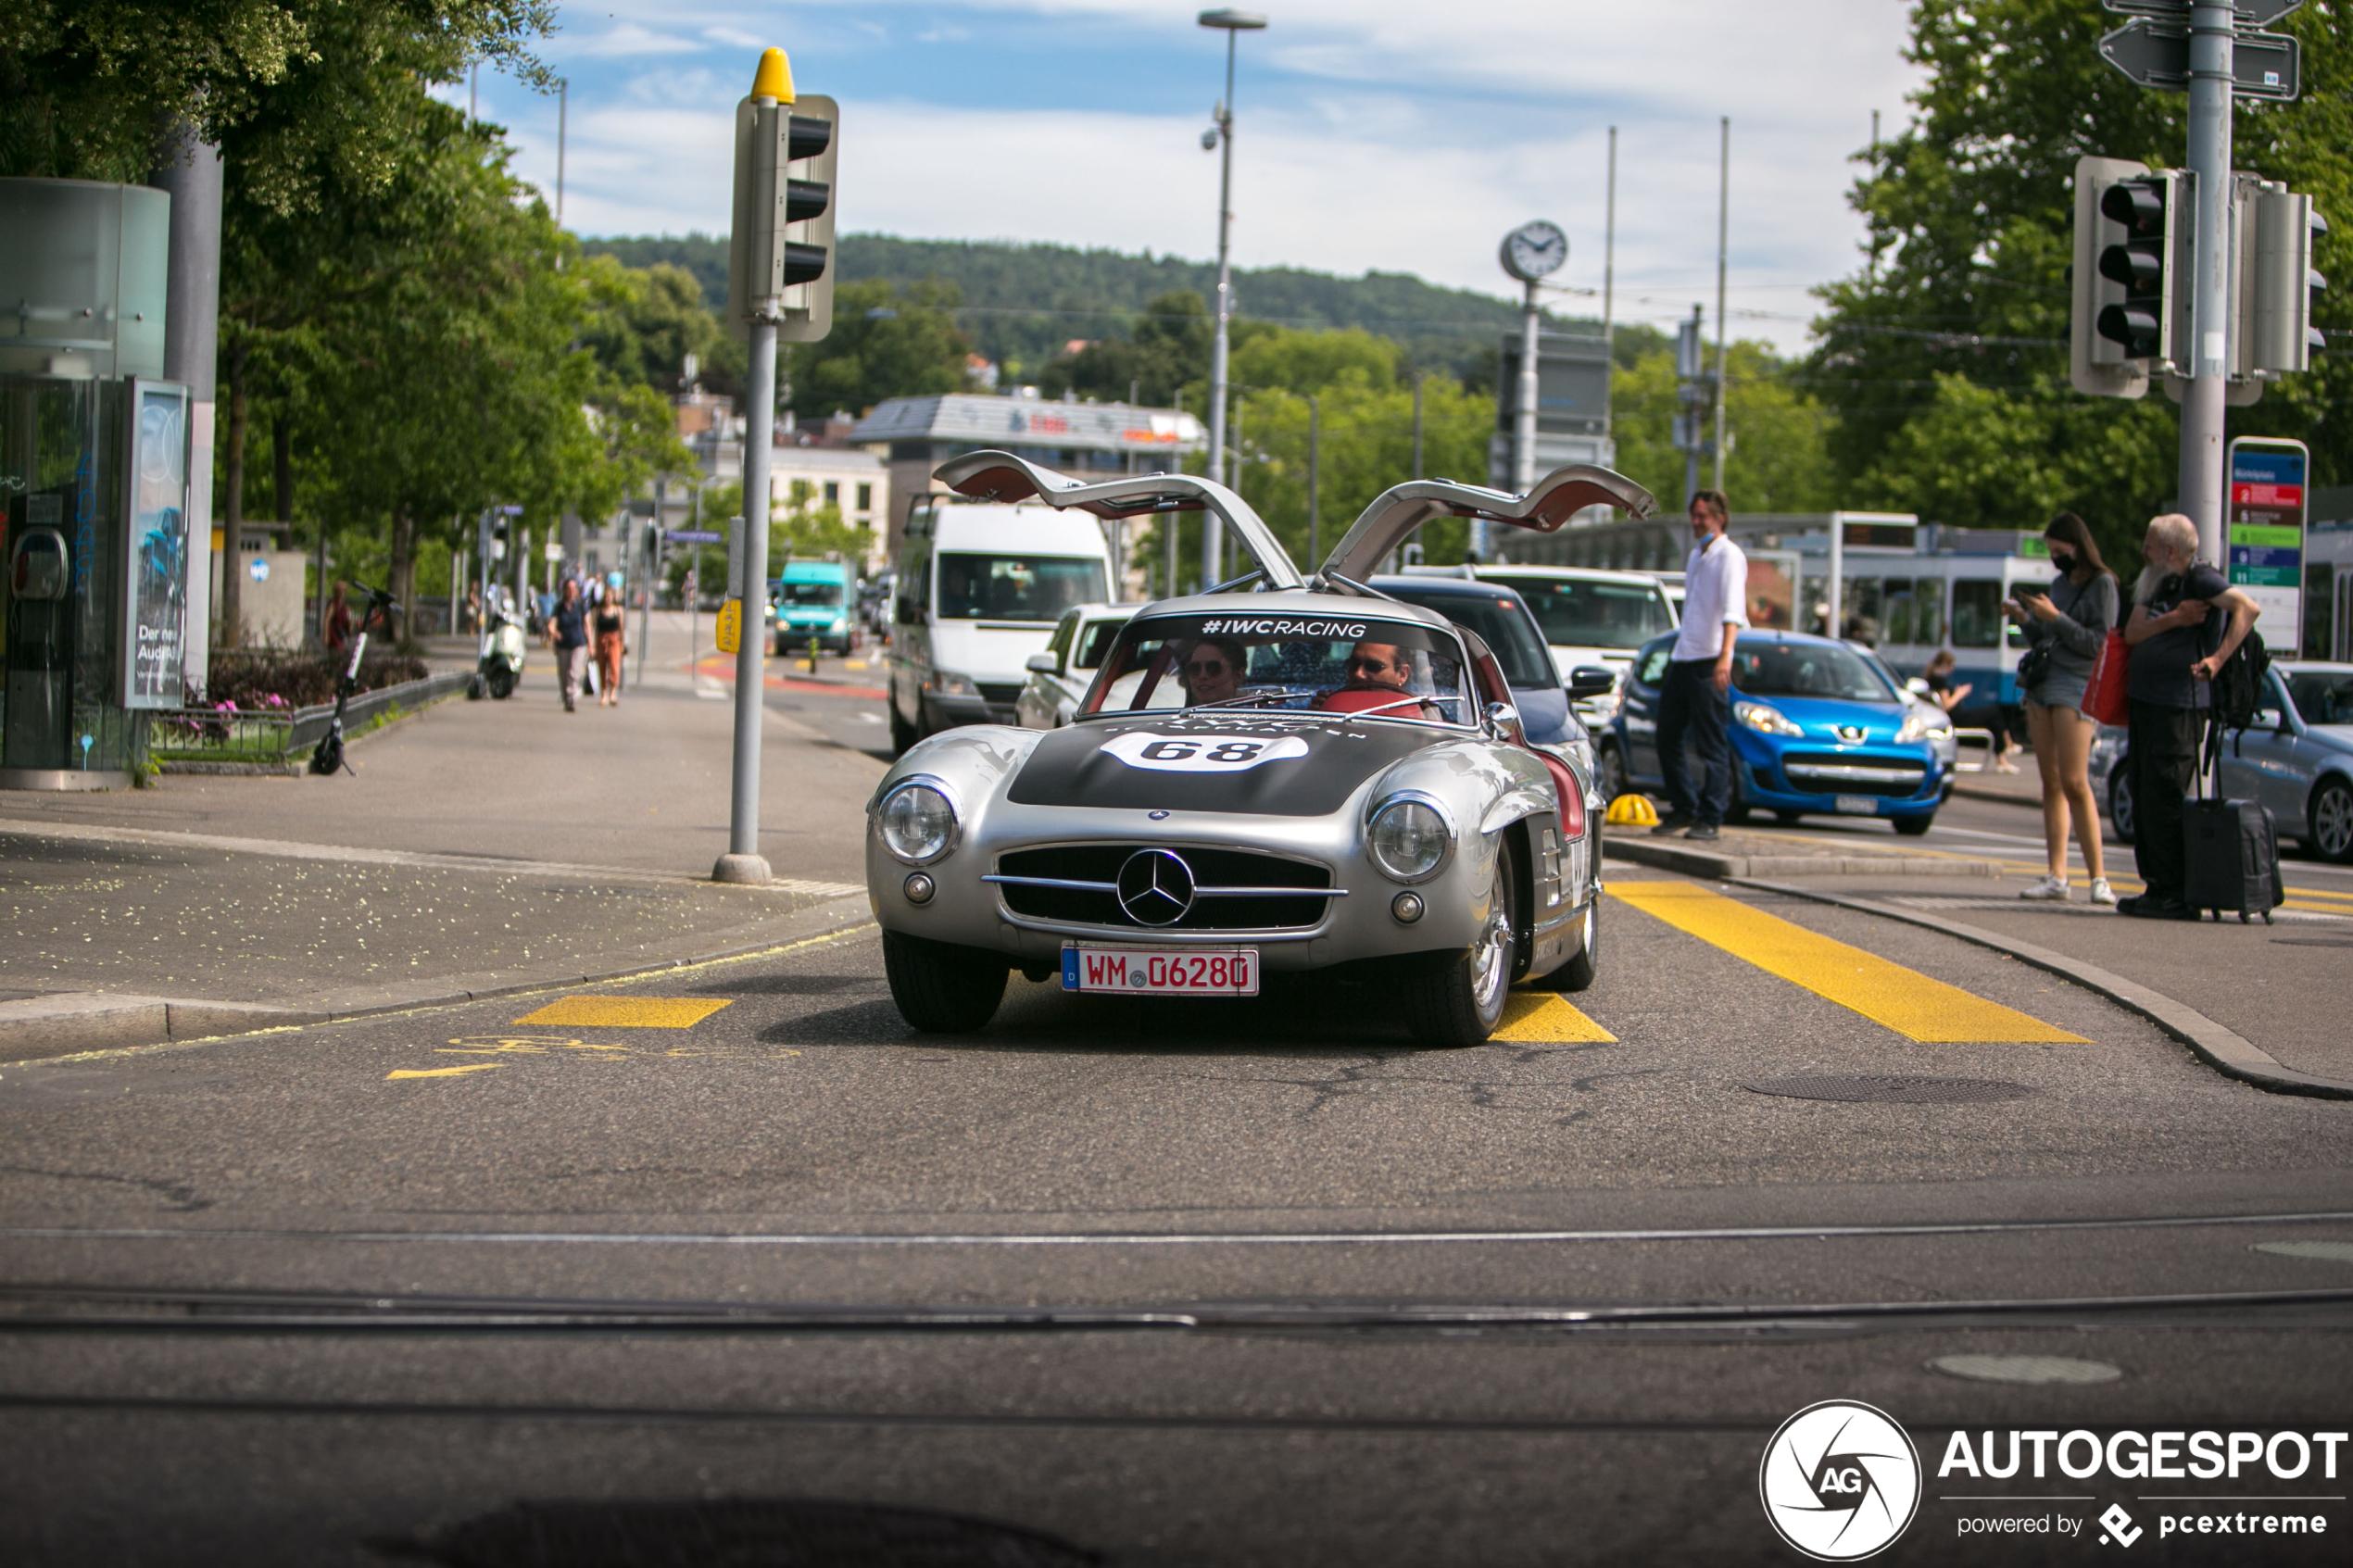 Mercedes-Benz 300SL Gullwing pakt de volle aandacht